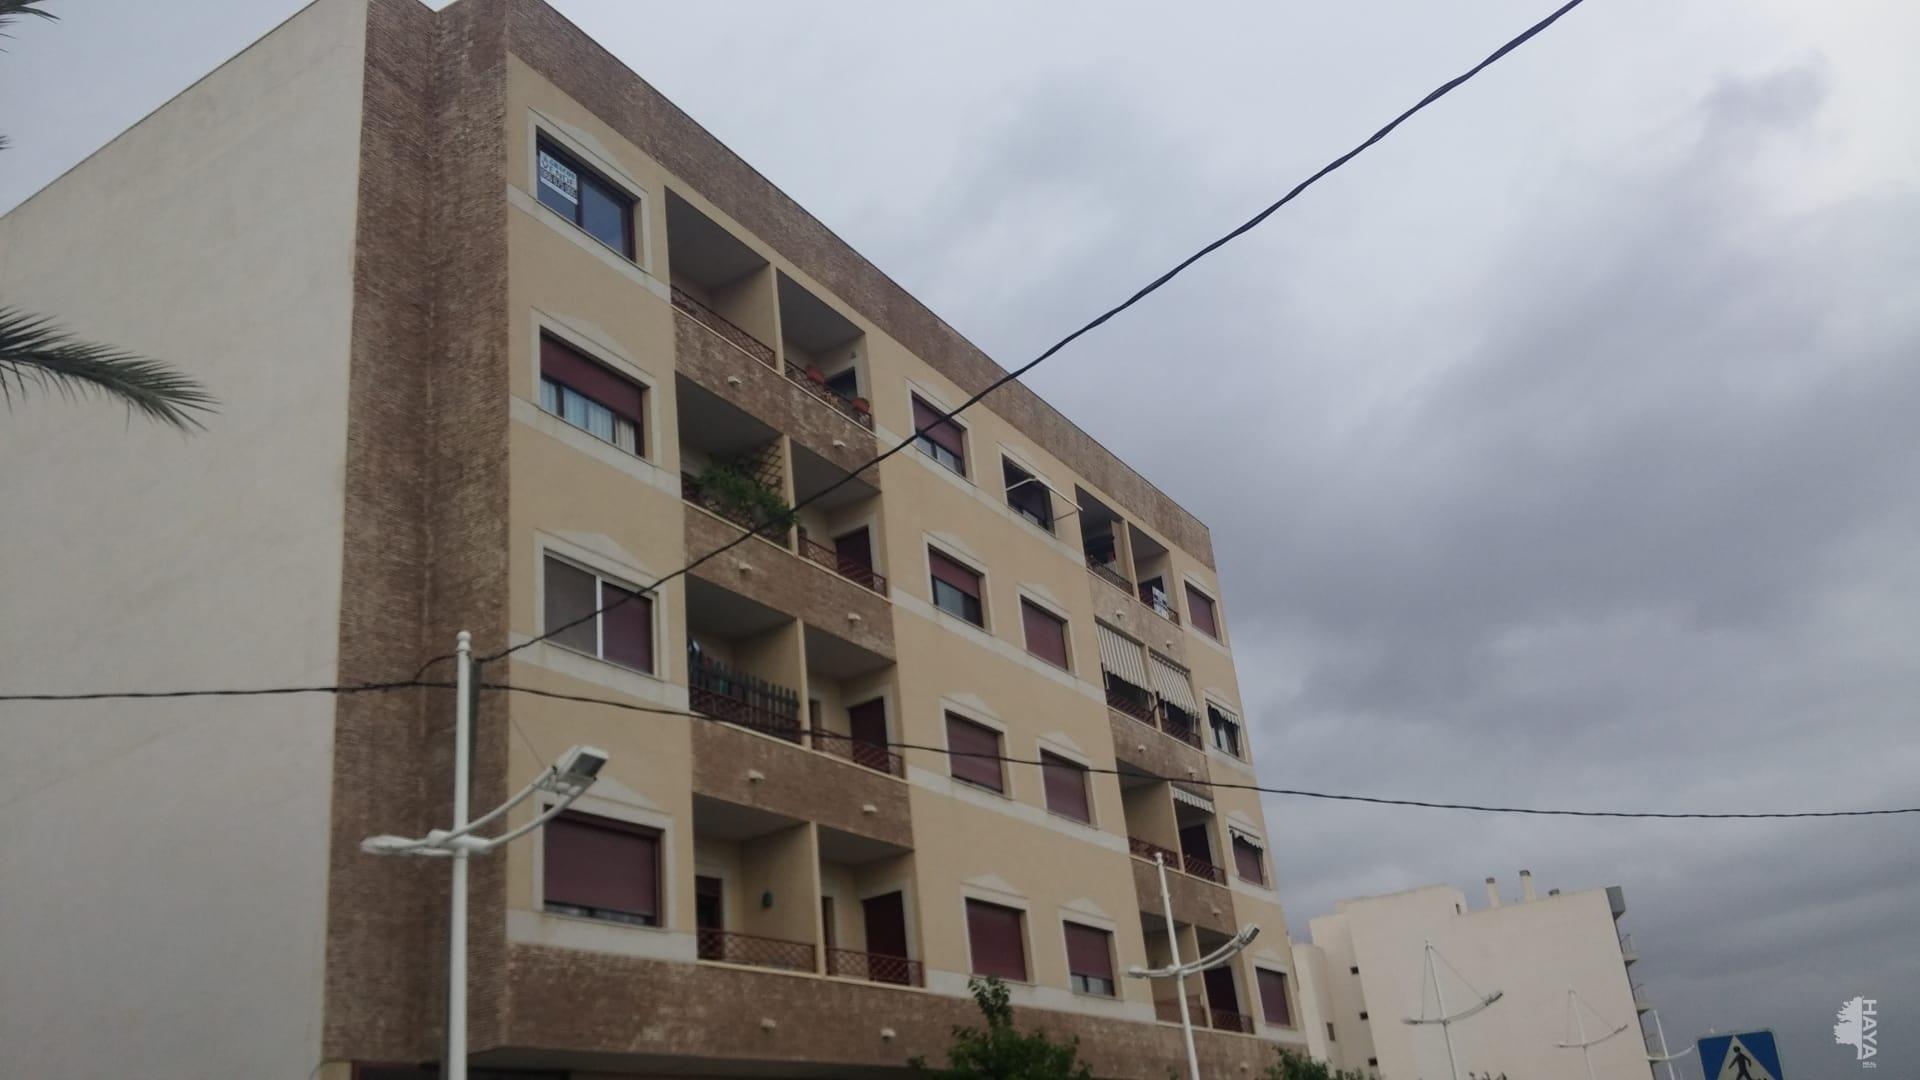 Piso en venta en Piso en Albatera, Alicante, 84.001 €, 3 habitaciones, 2 baños, 114 m2